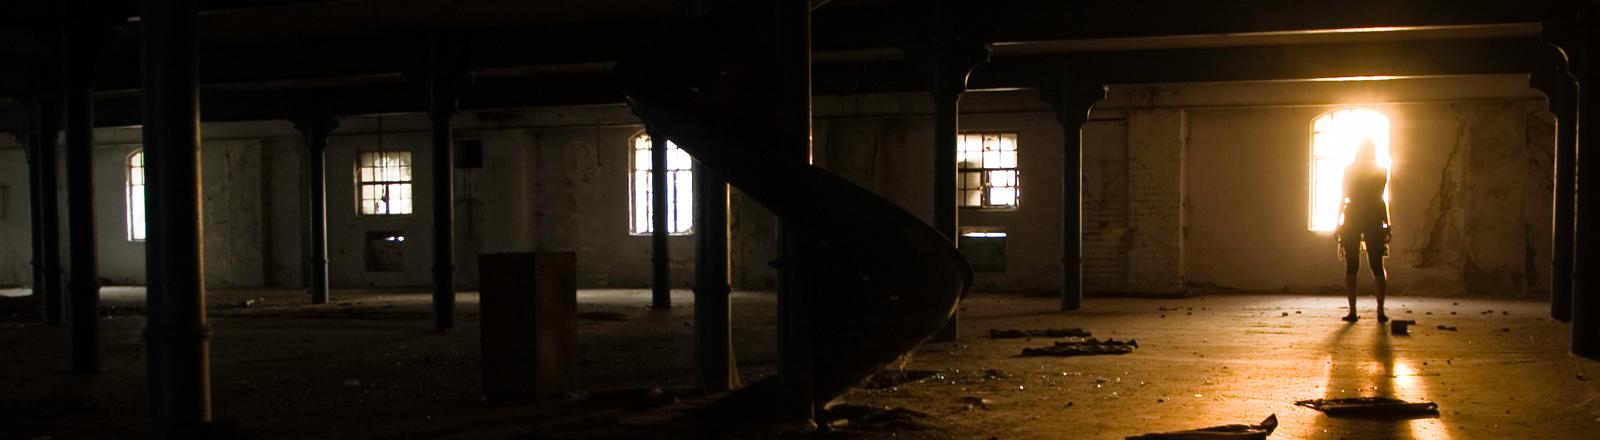 Eine Frau steht in einer düsteren Fabrikhalle.